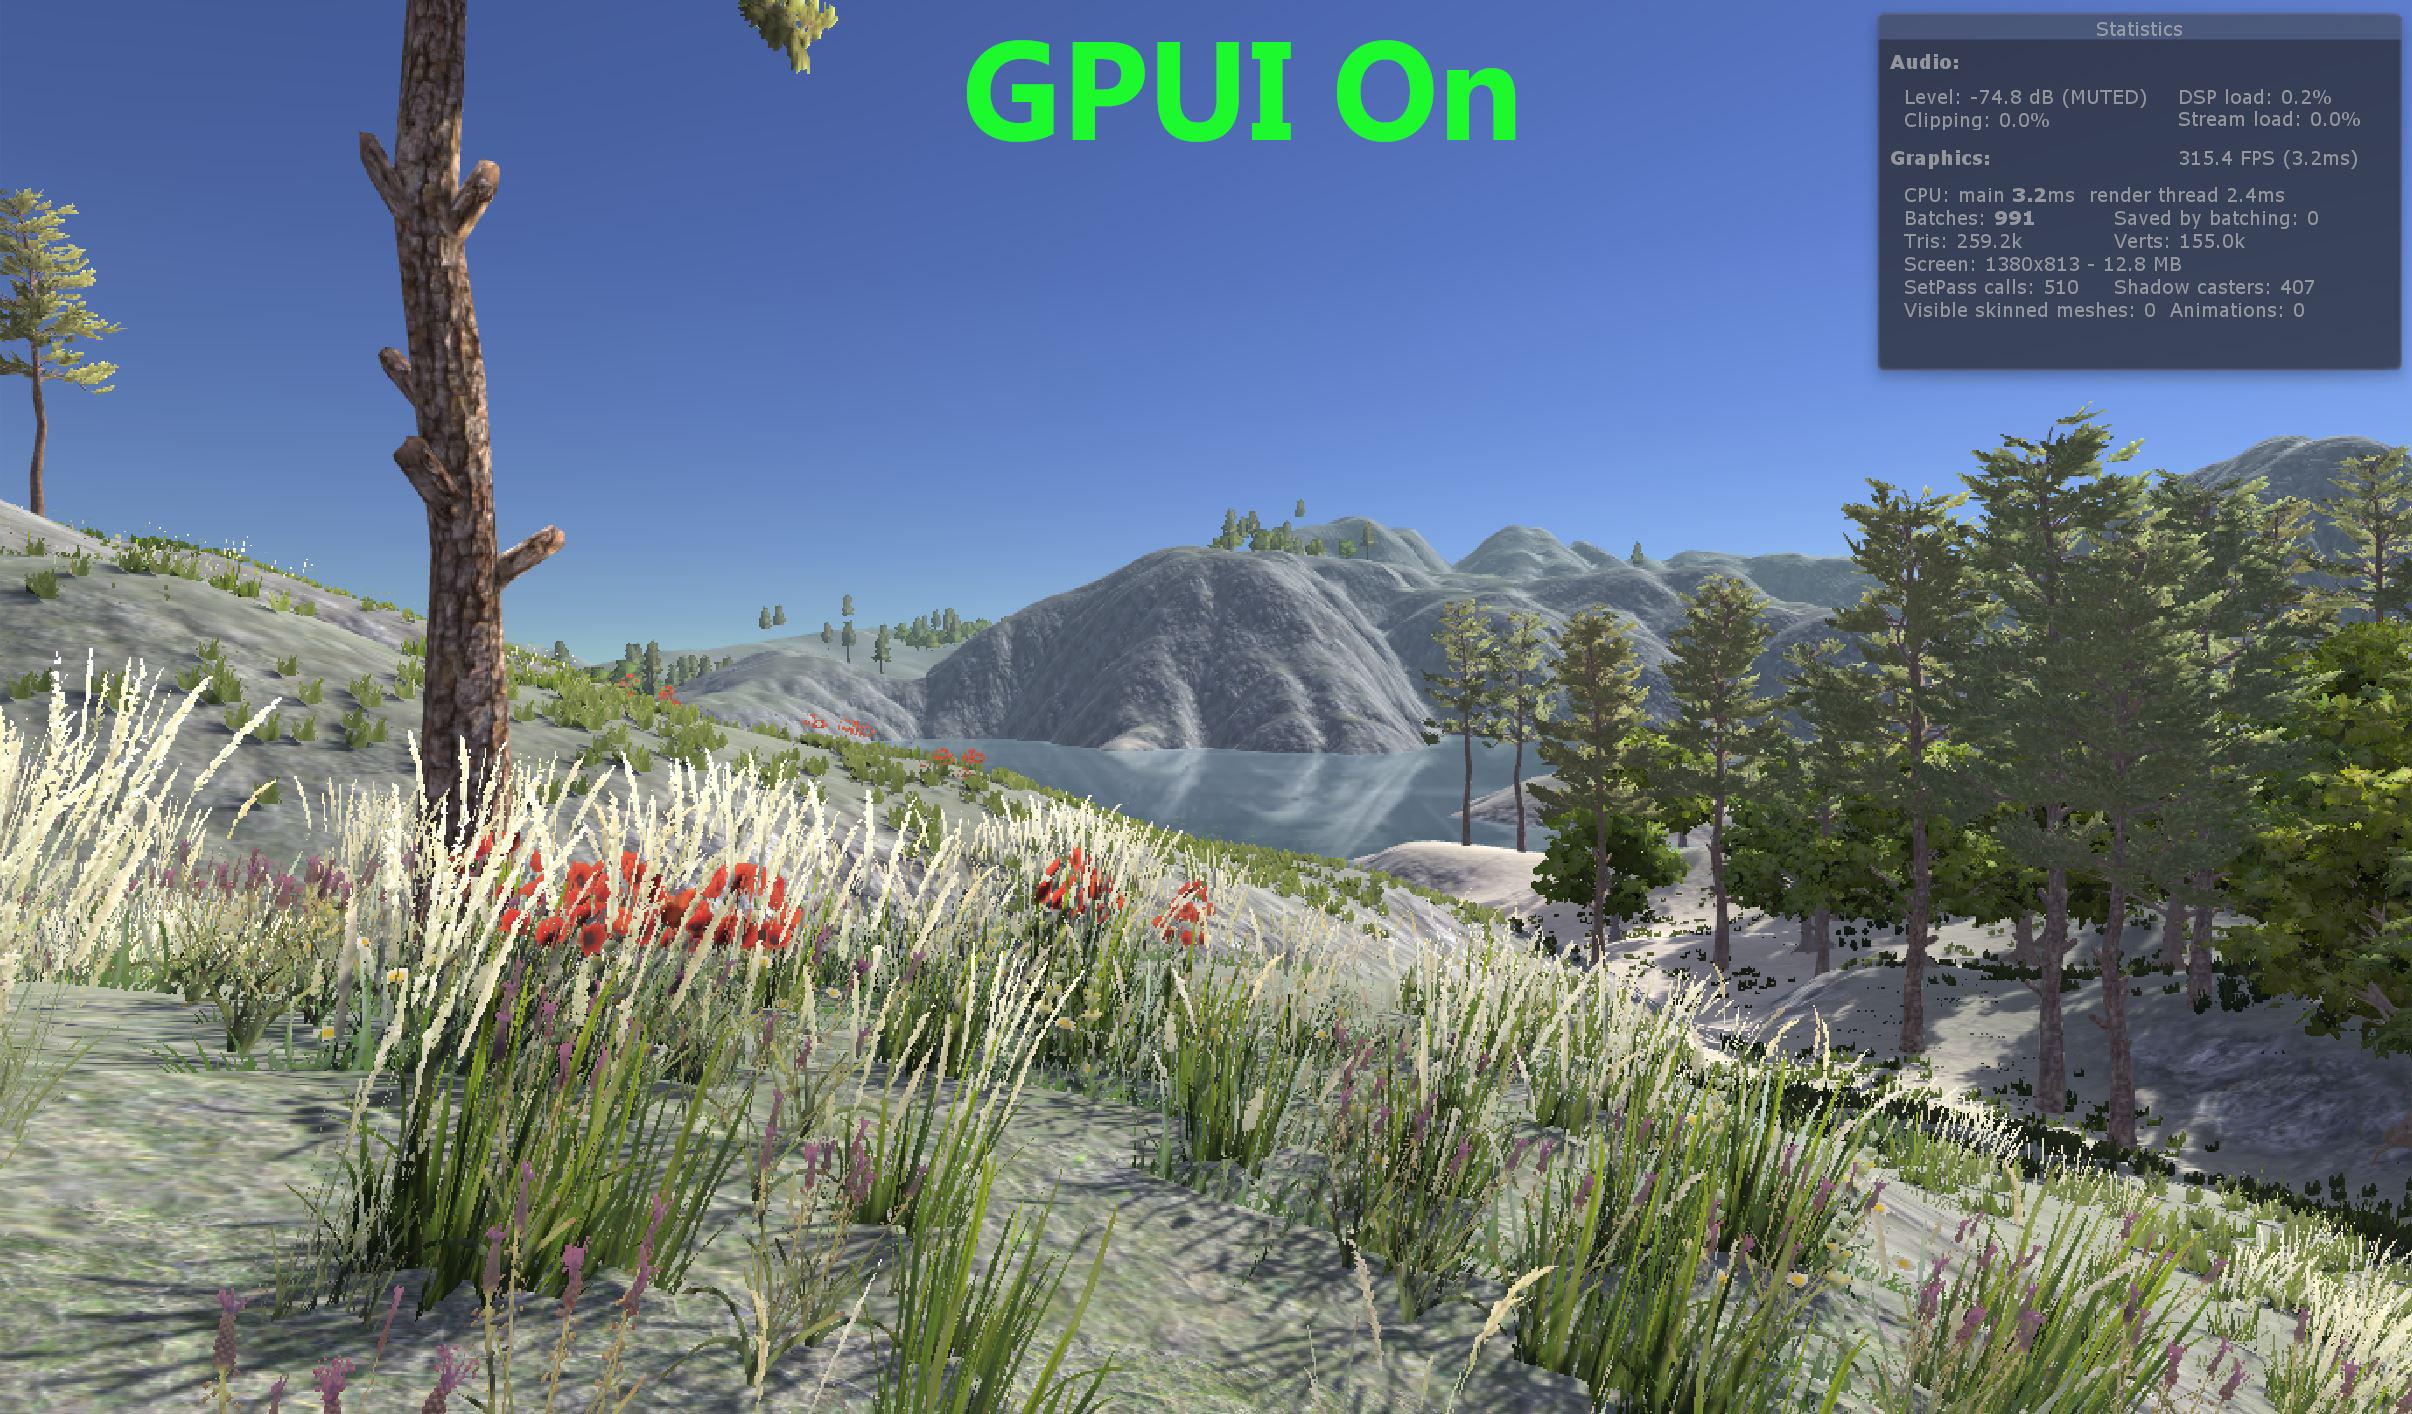 GPUI-GaiaSimpleON.JPG